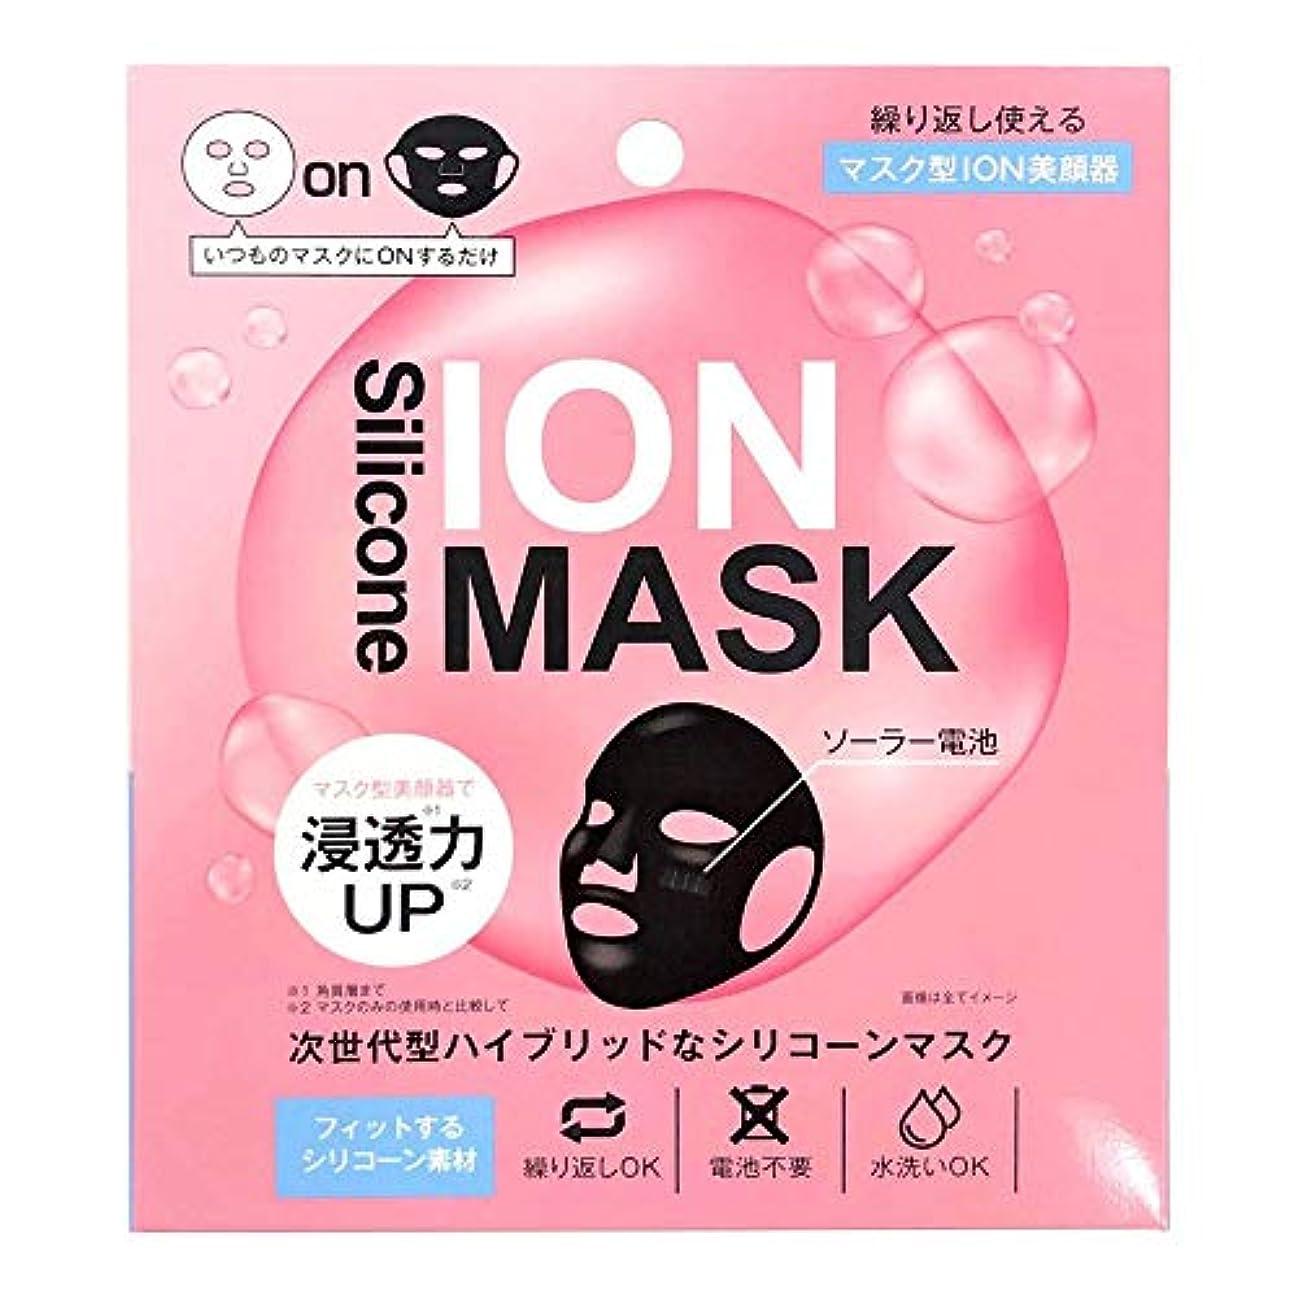 罹患率シャンプー焼くジャパンギャルズsc イオンシリコーンマスク フェイスマスク 1個